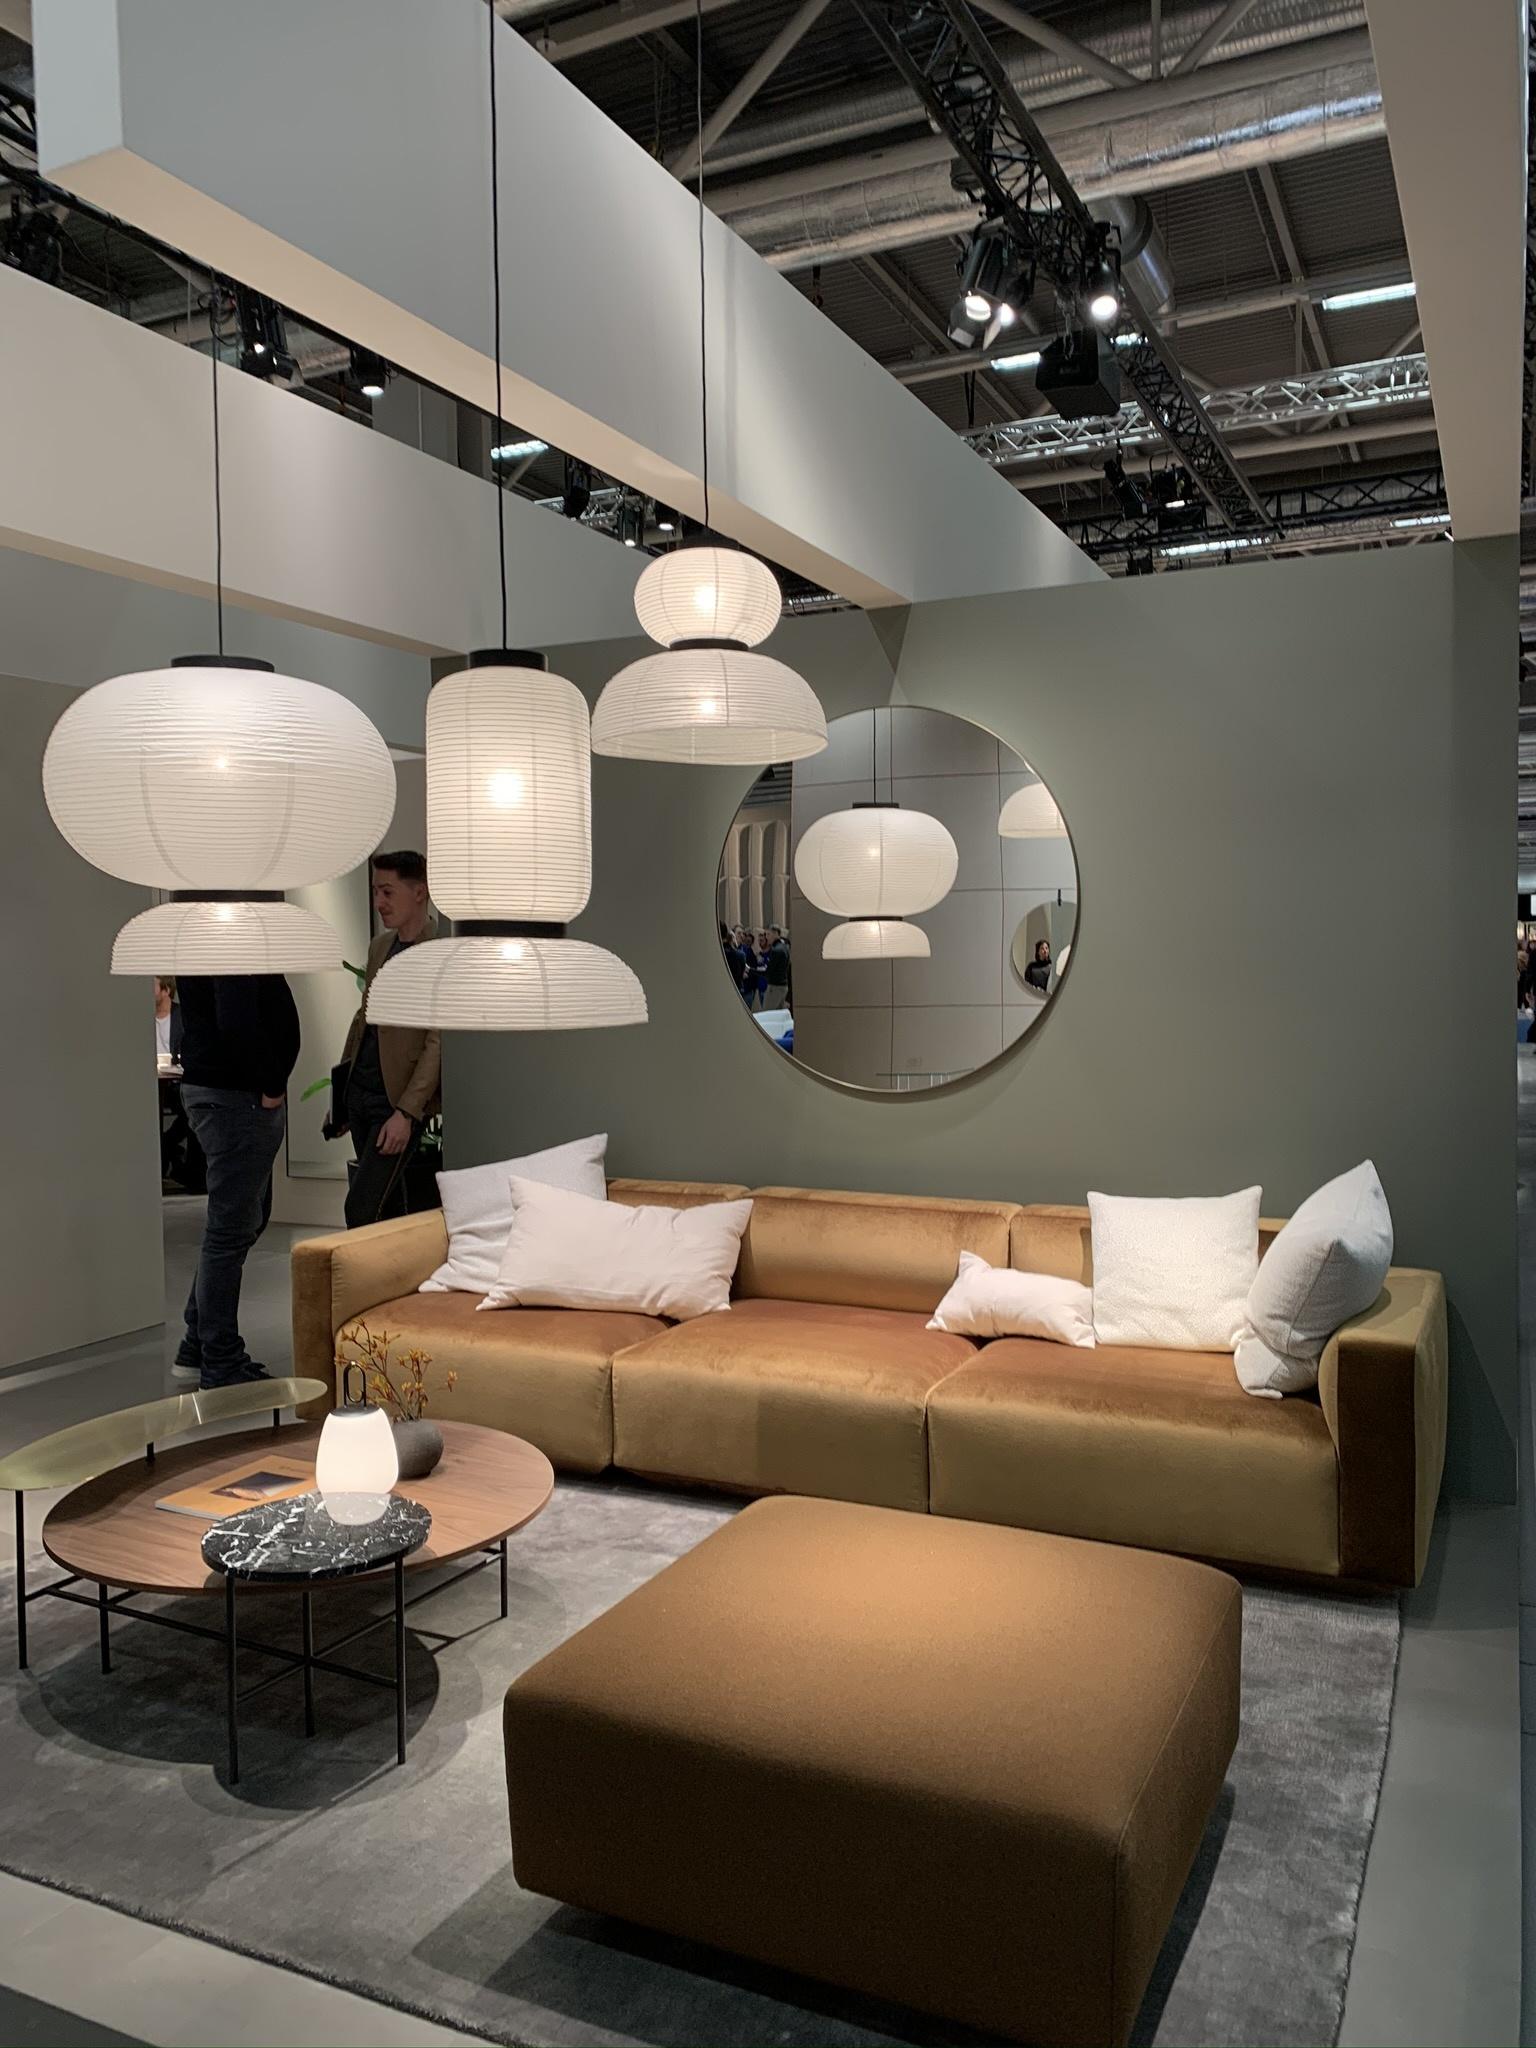 Неделя дизайна в Стокгольме 2020: блог бюро P+Z (галерея 4, фото 5)